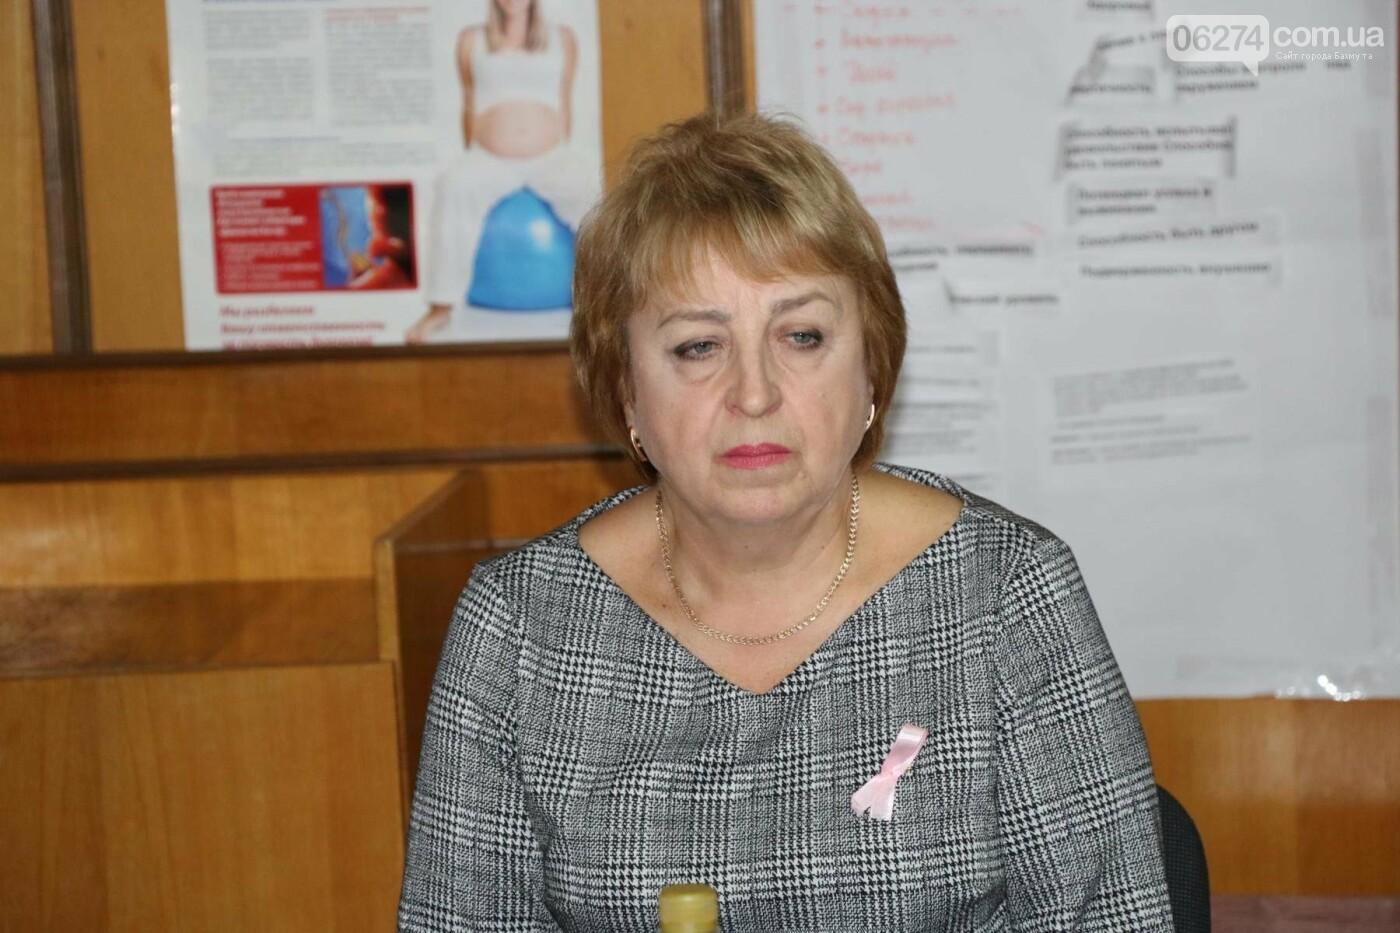 В Бахмуте медики обсудили методы борьбы с раком молочной железы, фото-4